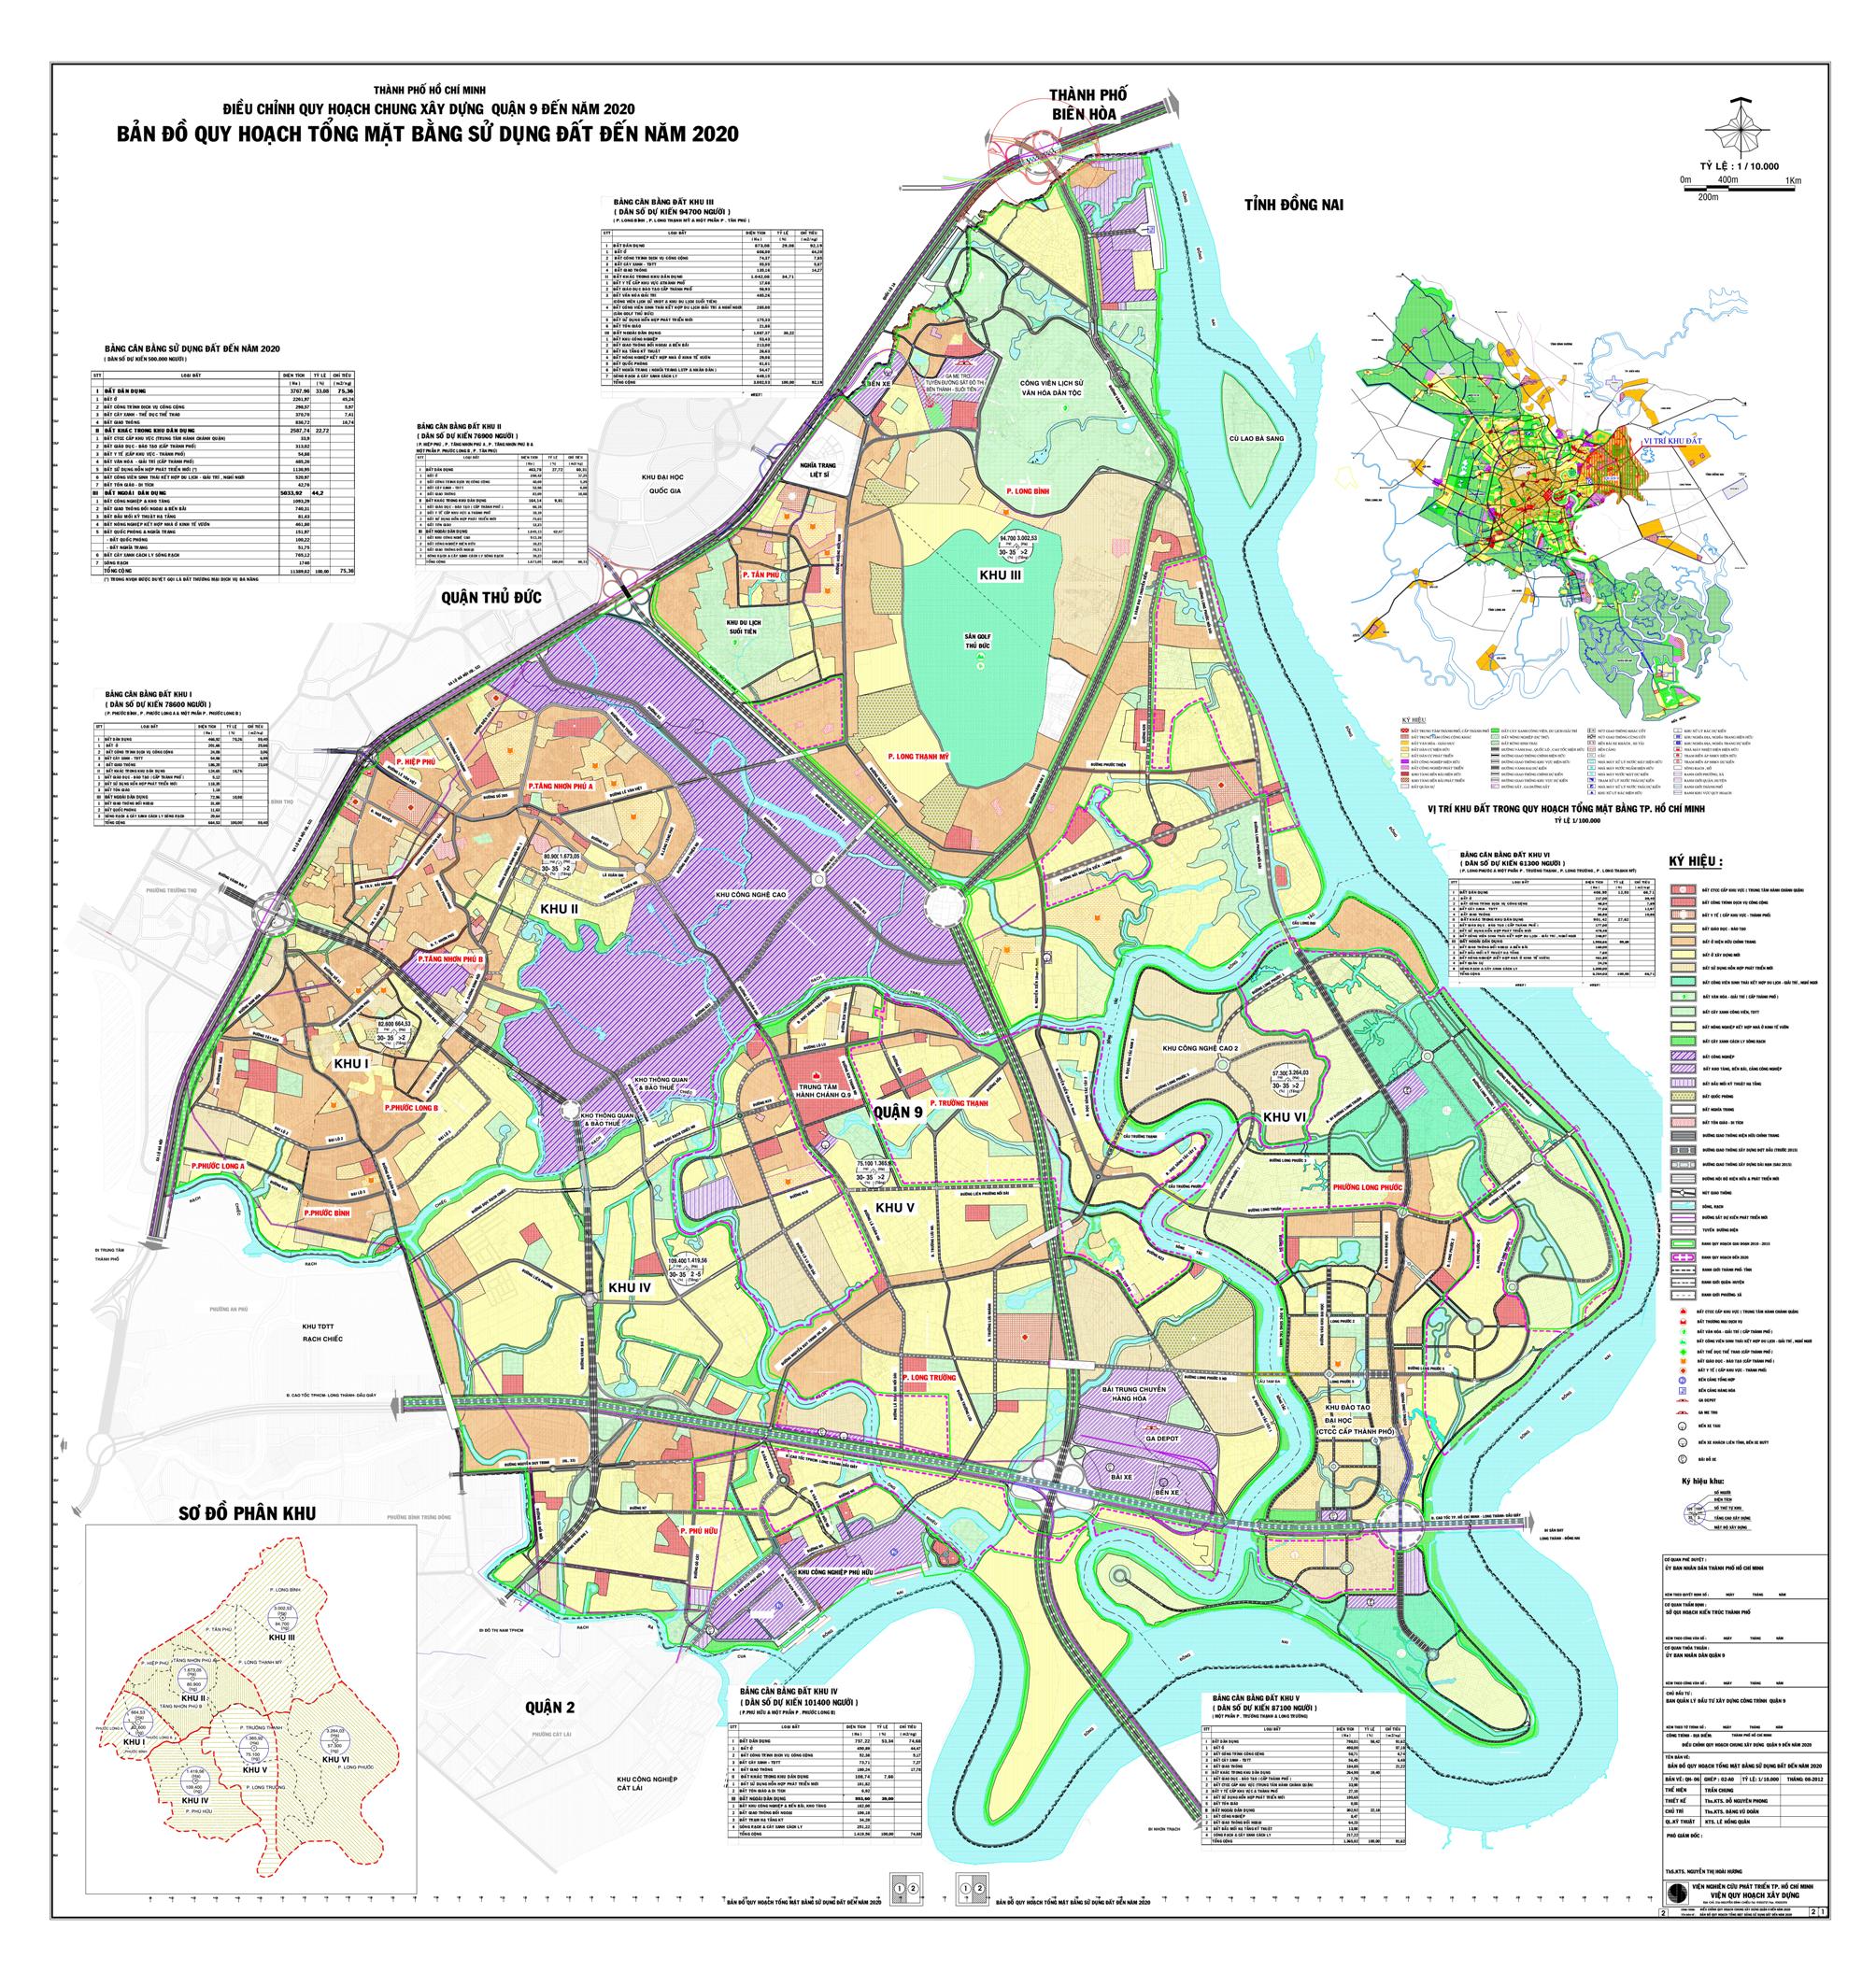 bản đồ quy hoạch tổng mặt bằng sử dụng đất quận 9